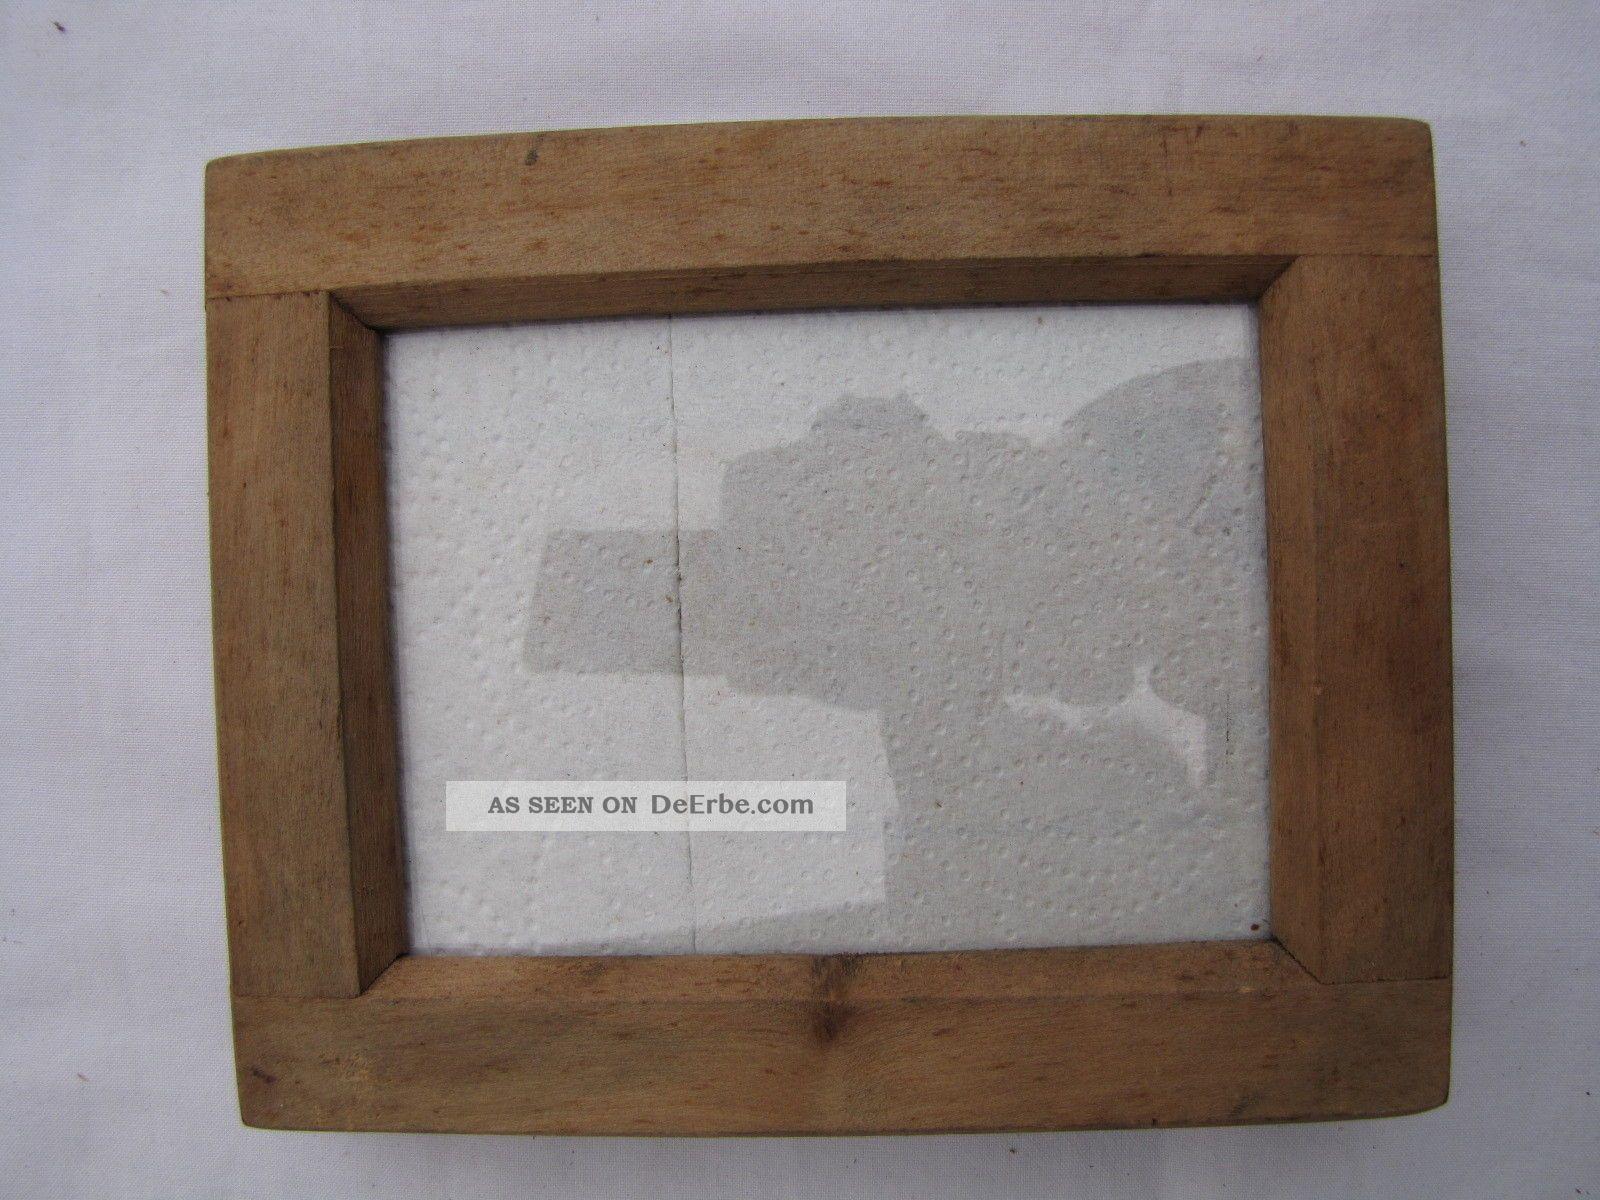 2 kopierrahmen holz vergr sserungs kassette glas. Black Bedroom Furniture Sets. Home Design Ideas